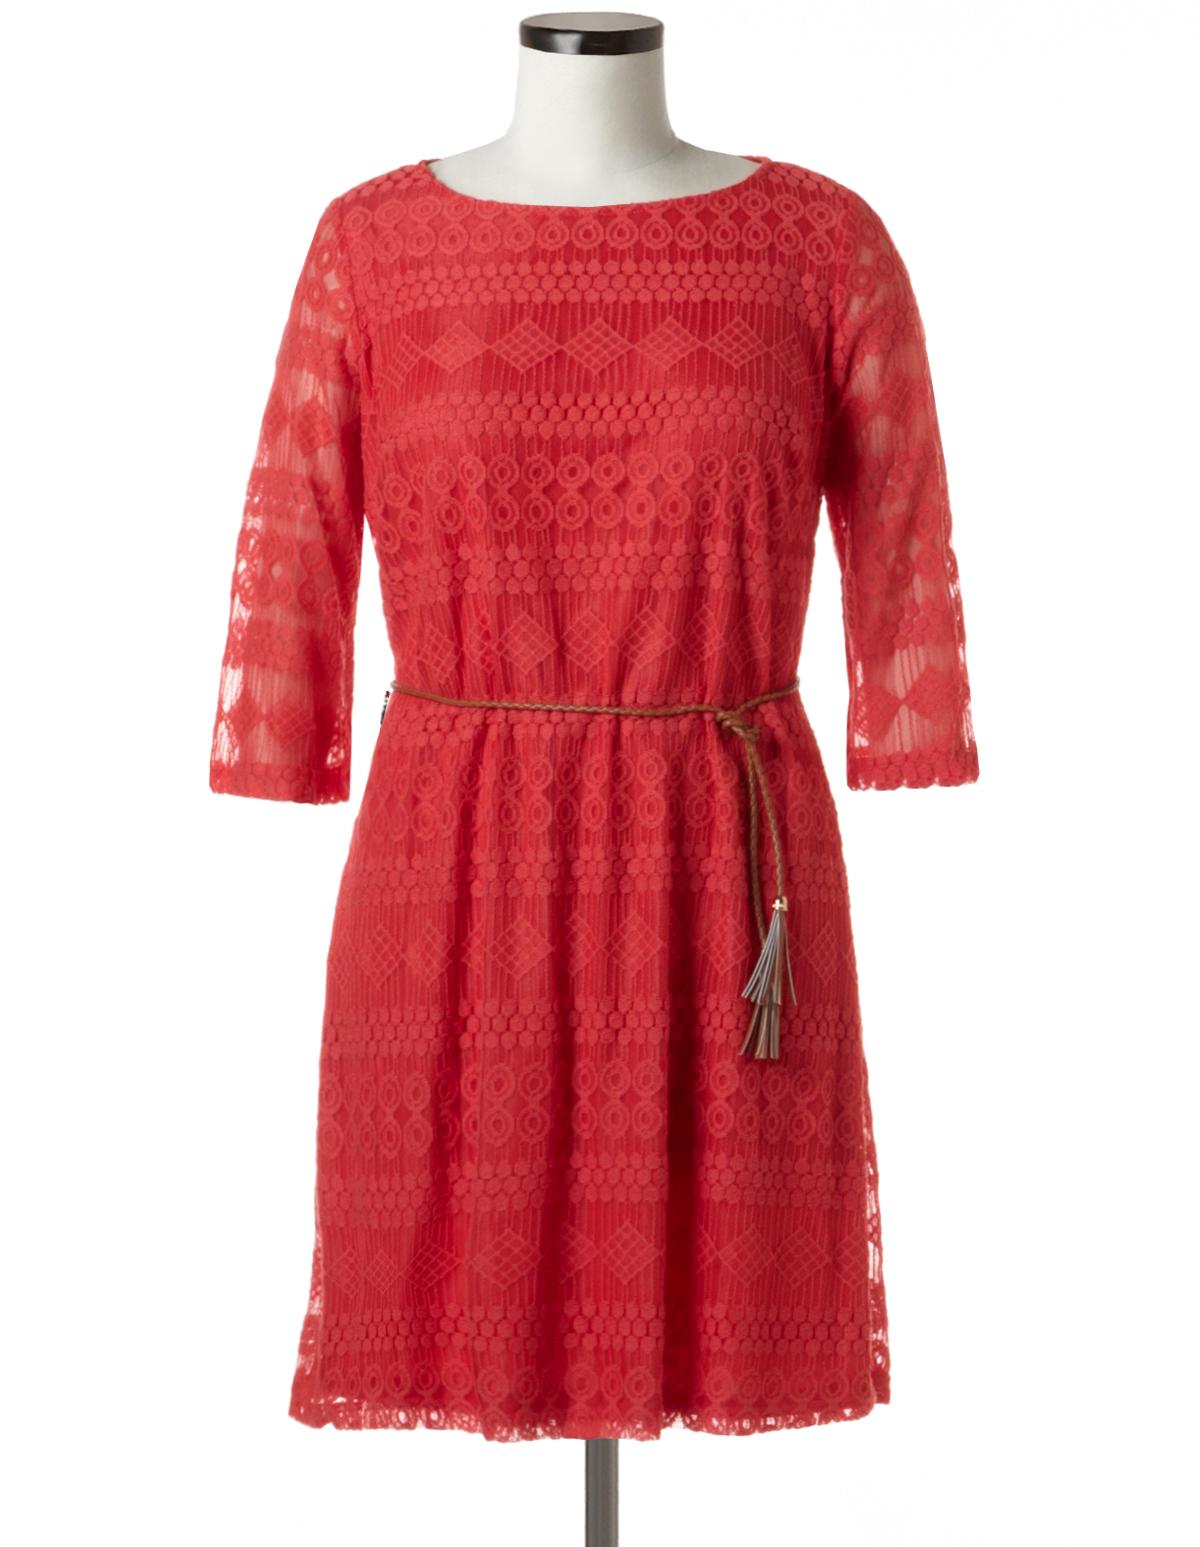 Coral Lace Dress Plus Size Images